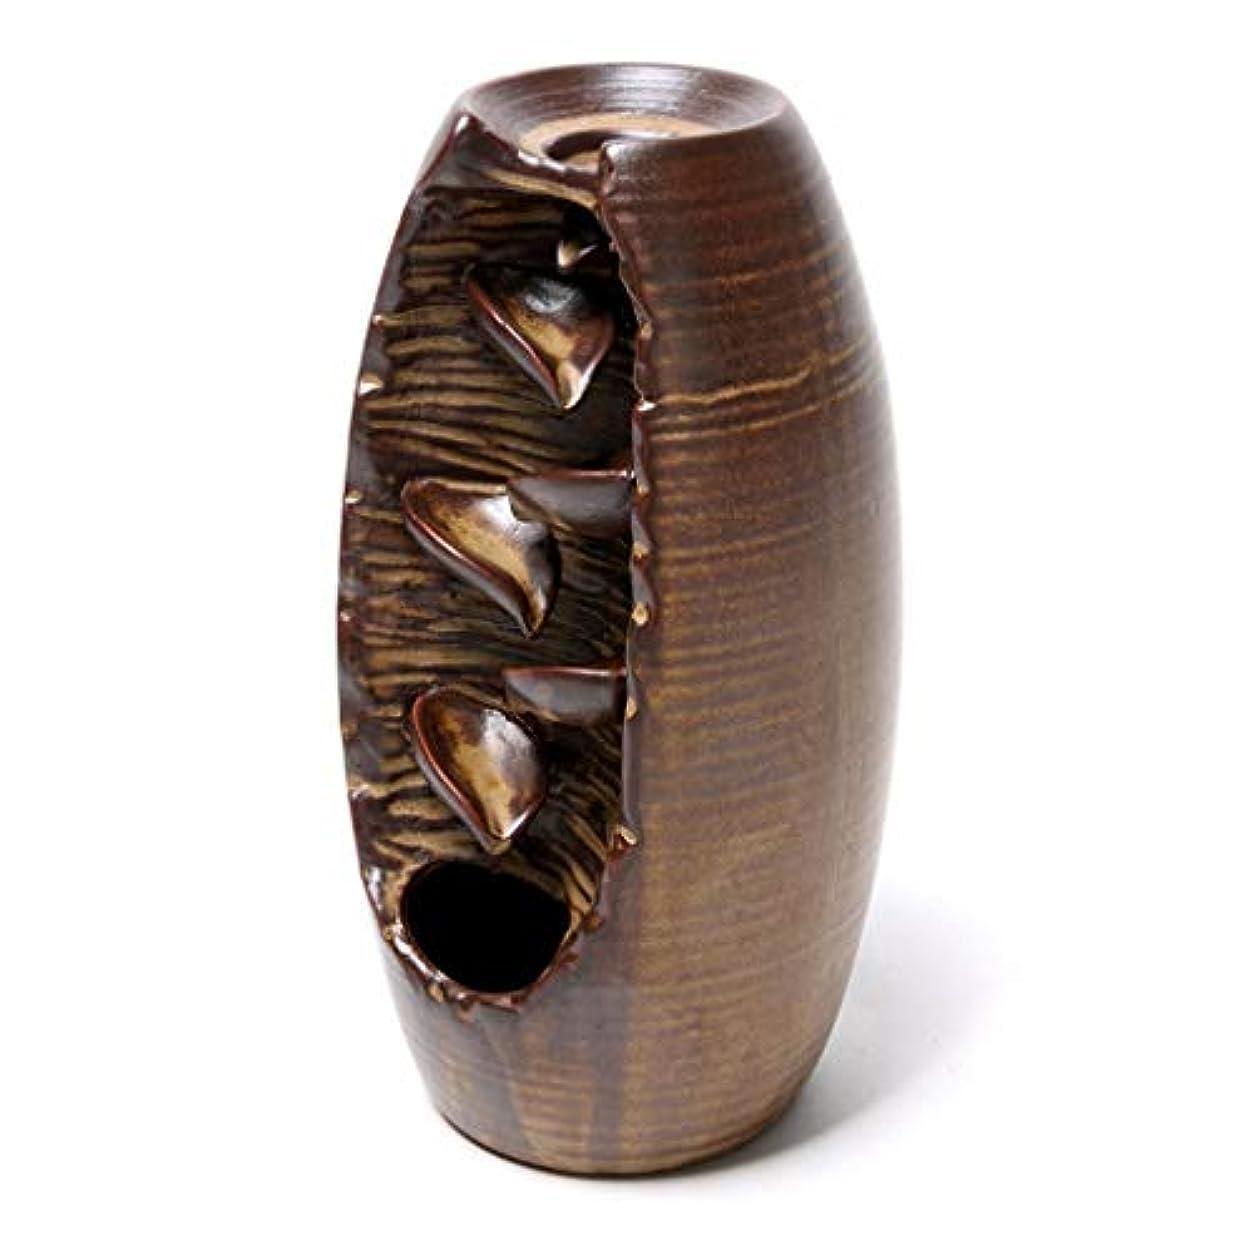 ハンカチ冗長聖書クリエイティブ逆流香バーナーセラミック香コーンバーナーホルダーホームフレグランスアロマセラピー装飾香ホルダー (Color : Brown, サイズ : 3.54*8.07 inches)